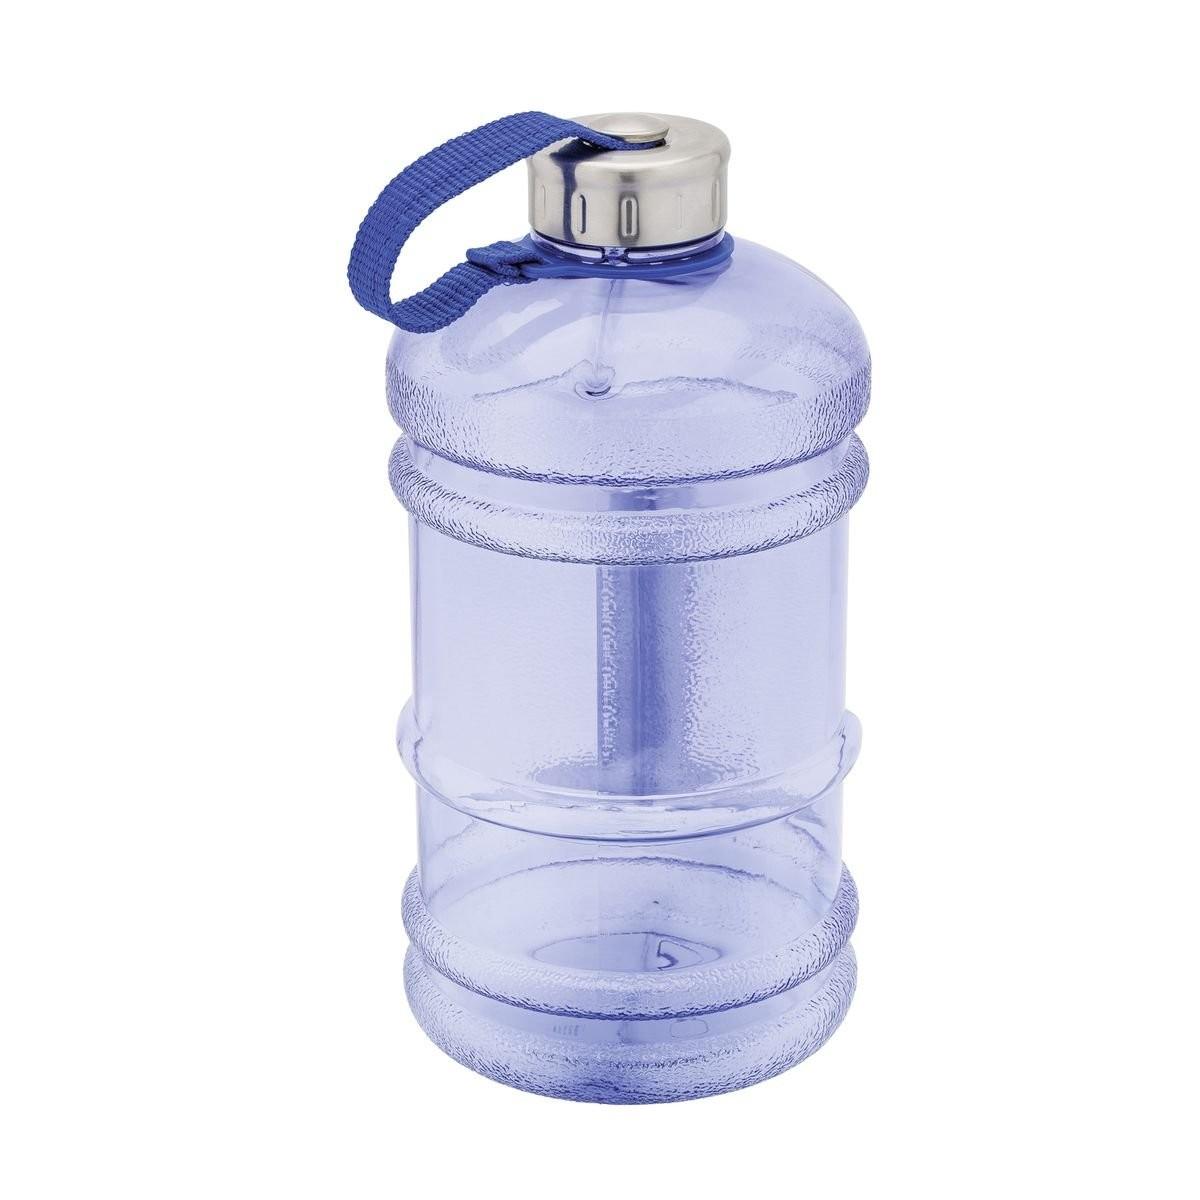 Fitnessflasche REFLECTS-KOUVOLA, Ansicht 7